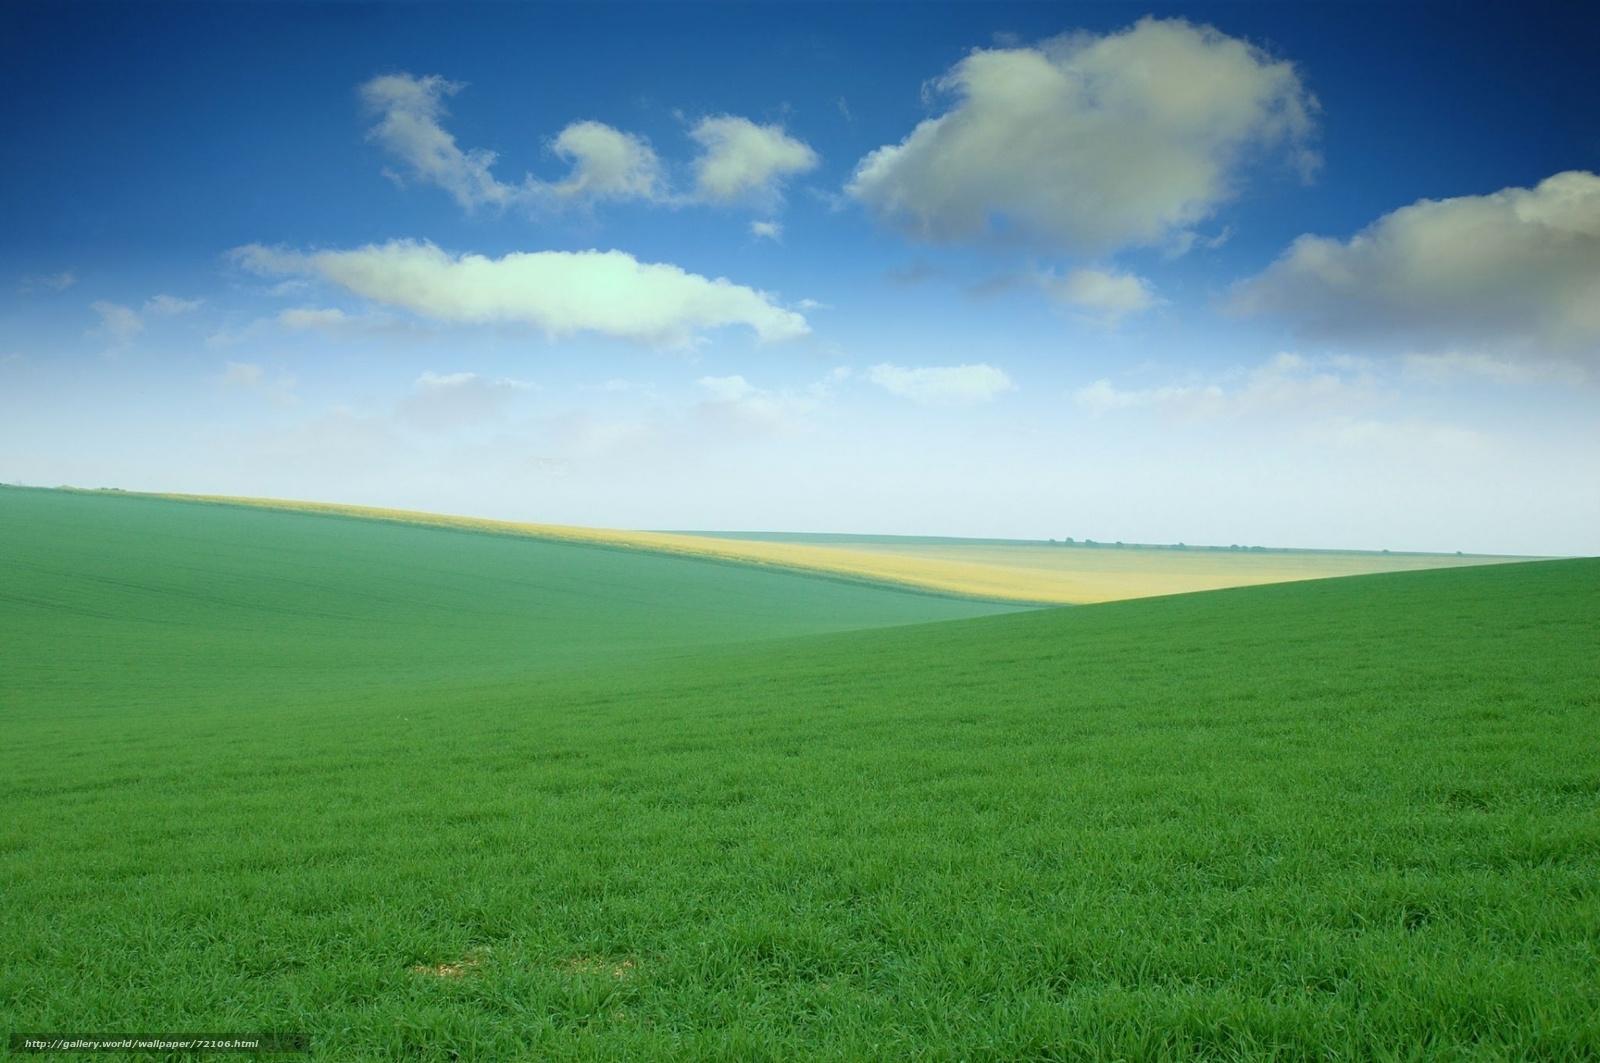 Wallpaper download free - Download Wallpaper Field Sky Grass Meadows Free Desktop